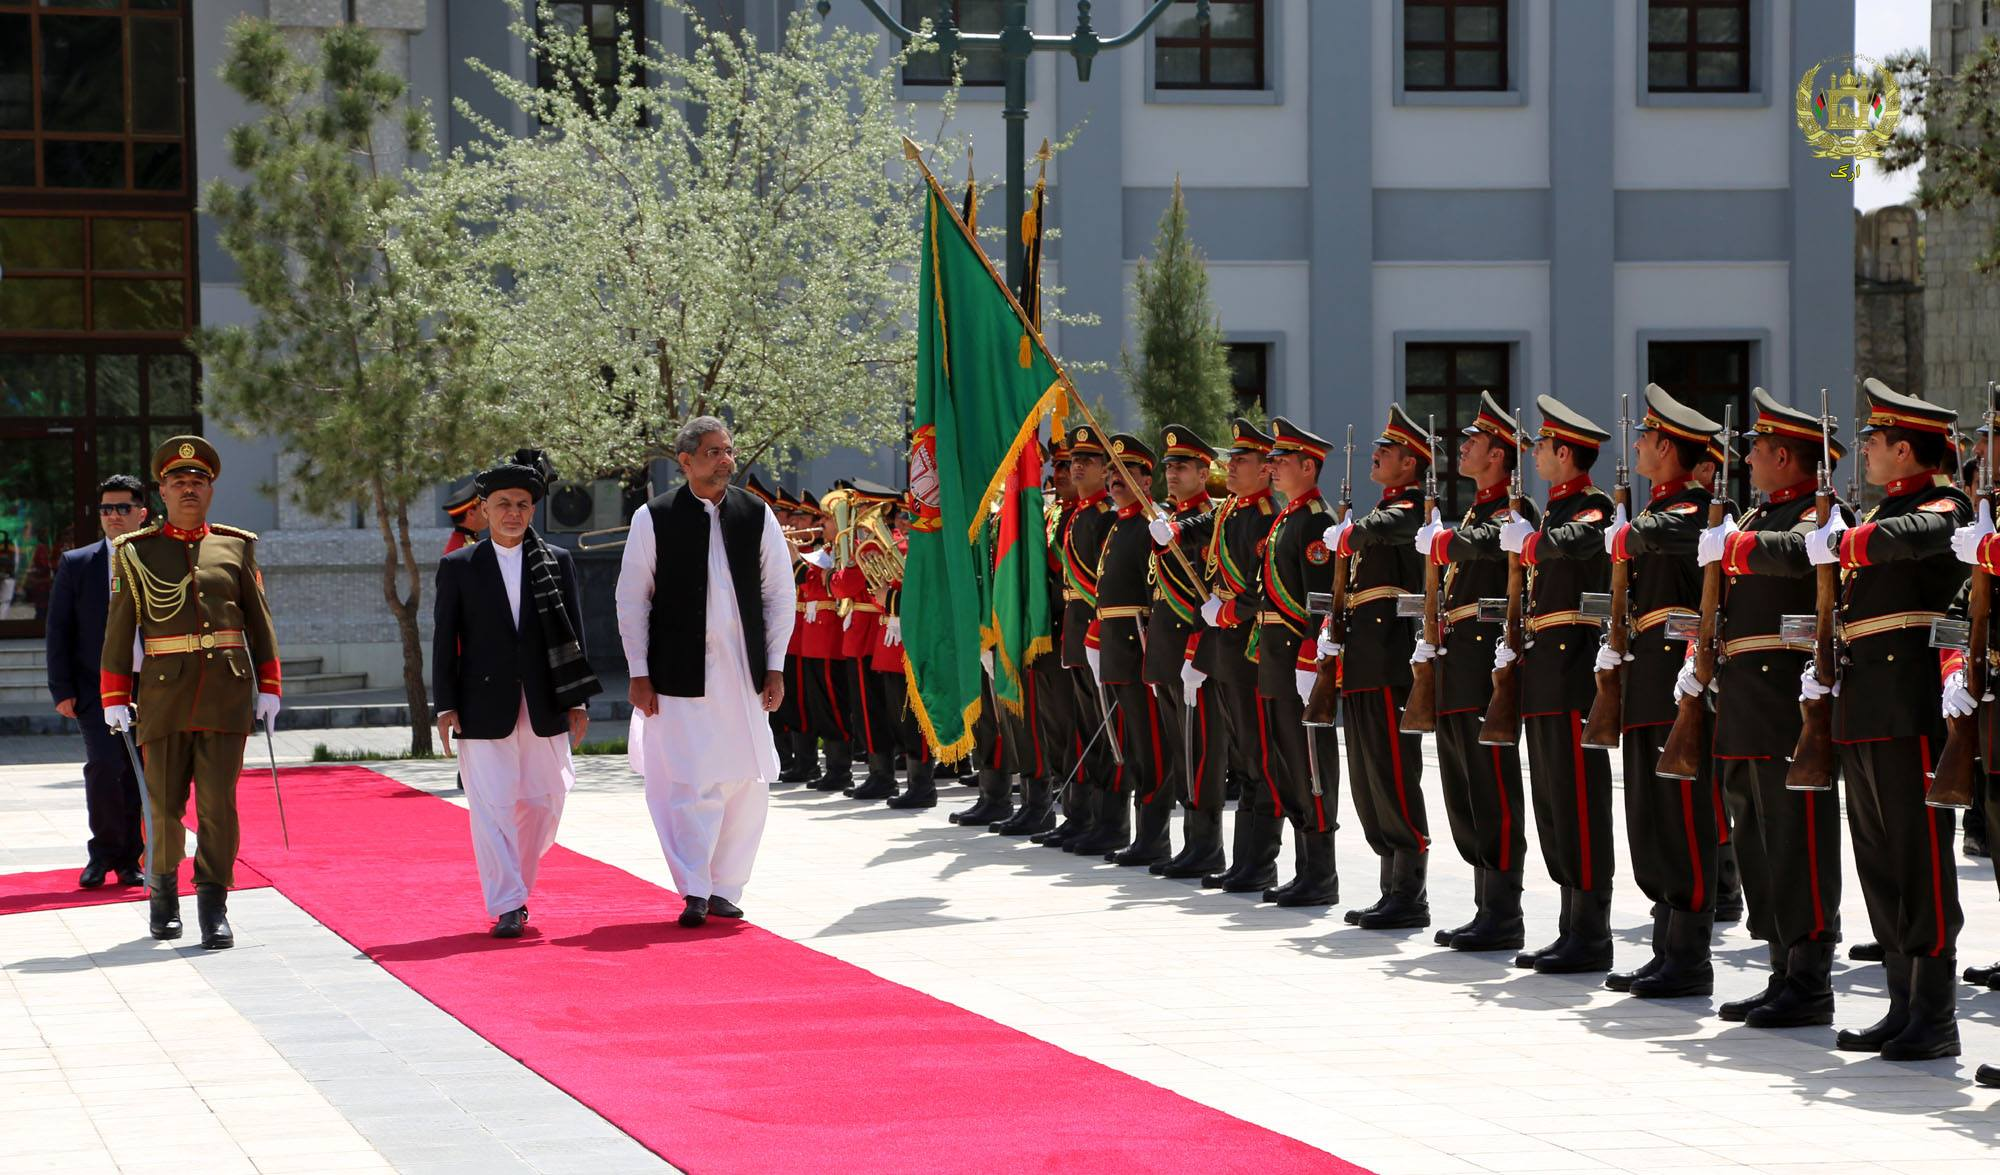 بازدید عباسی از کابل نشان دهنده گام تازه در روابط پاکستان و افغانستان است